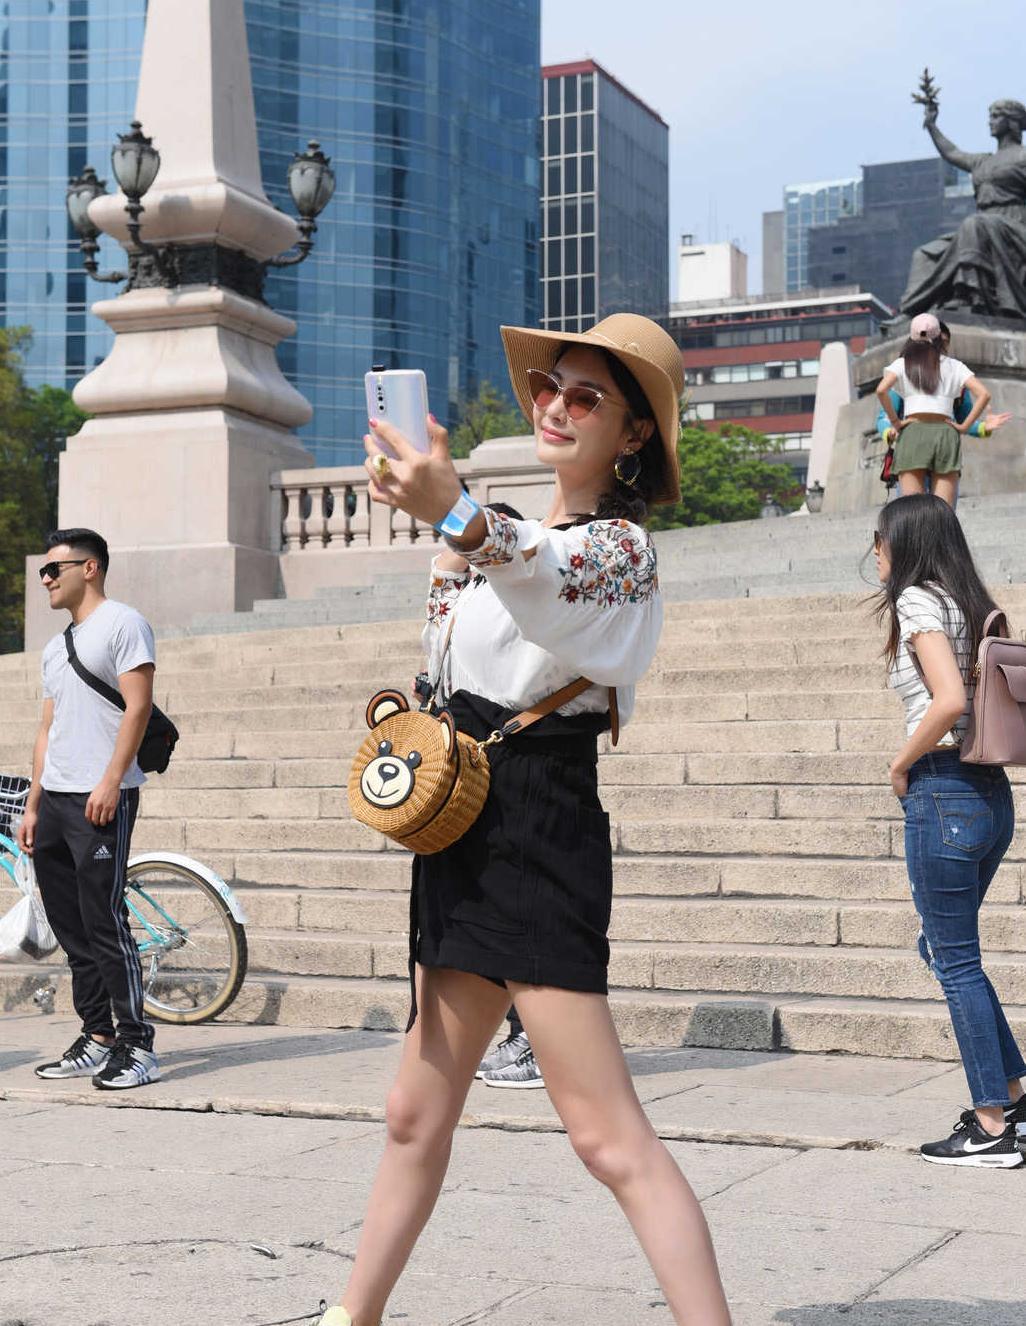 张雨绮国外度假真洋气,穿印花衬衫配高腰短裤,熊仔包太可爱了